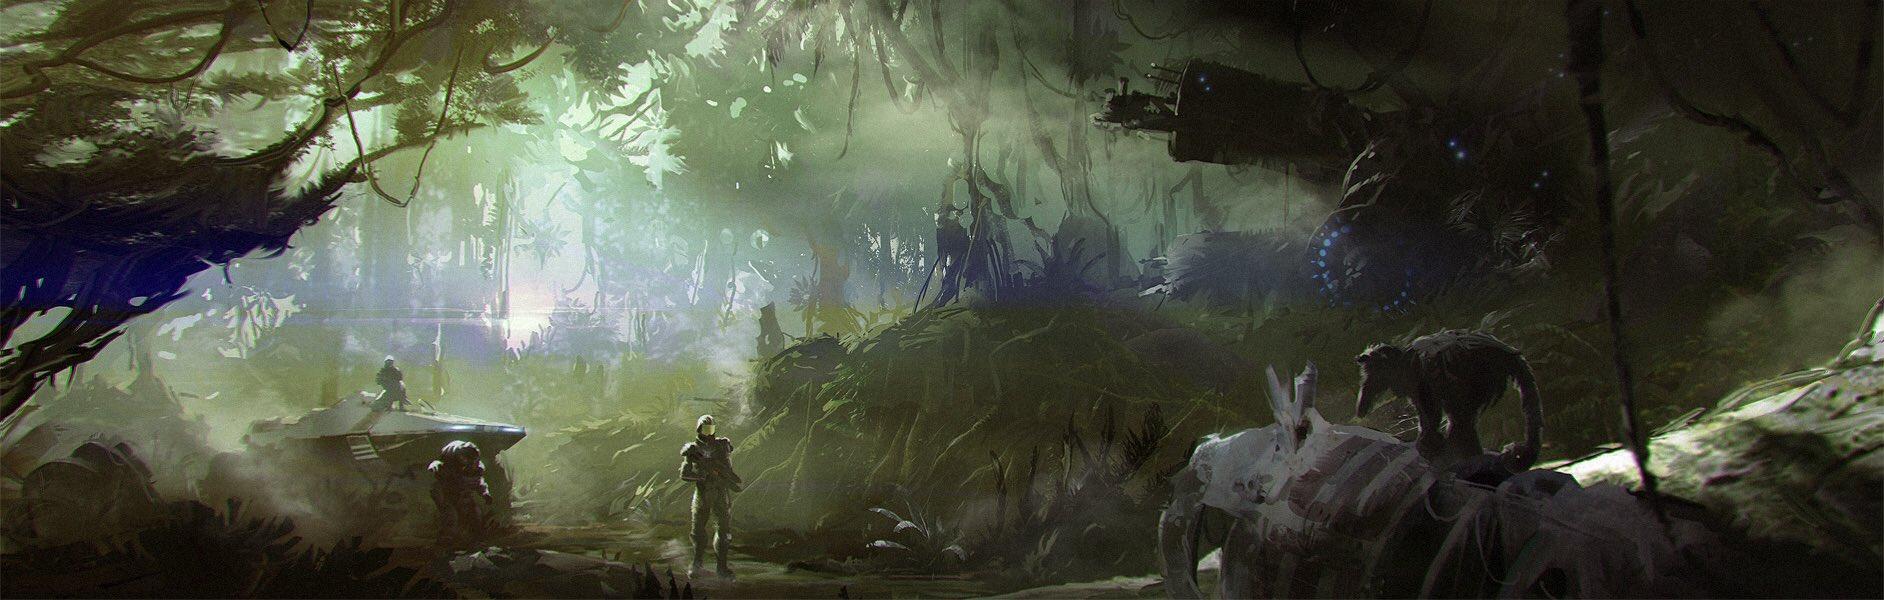 《质量效应》新作开发中由《圣歌》首席制作人领导_BioWare